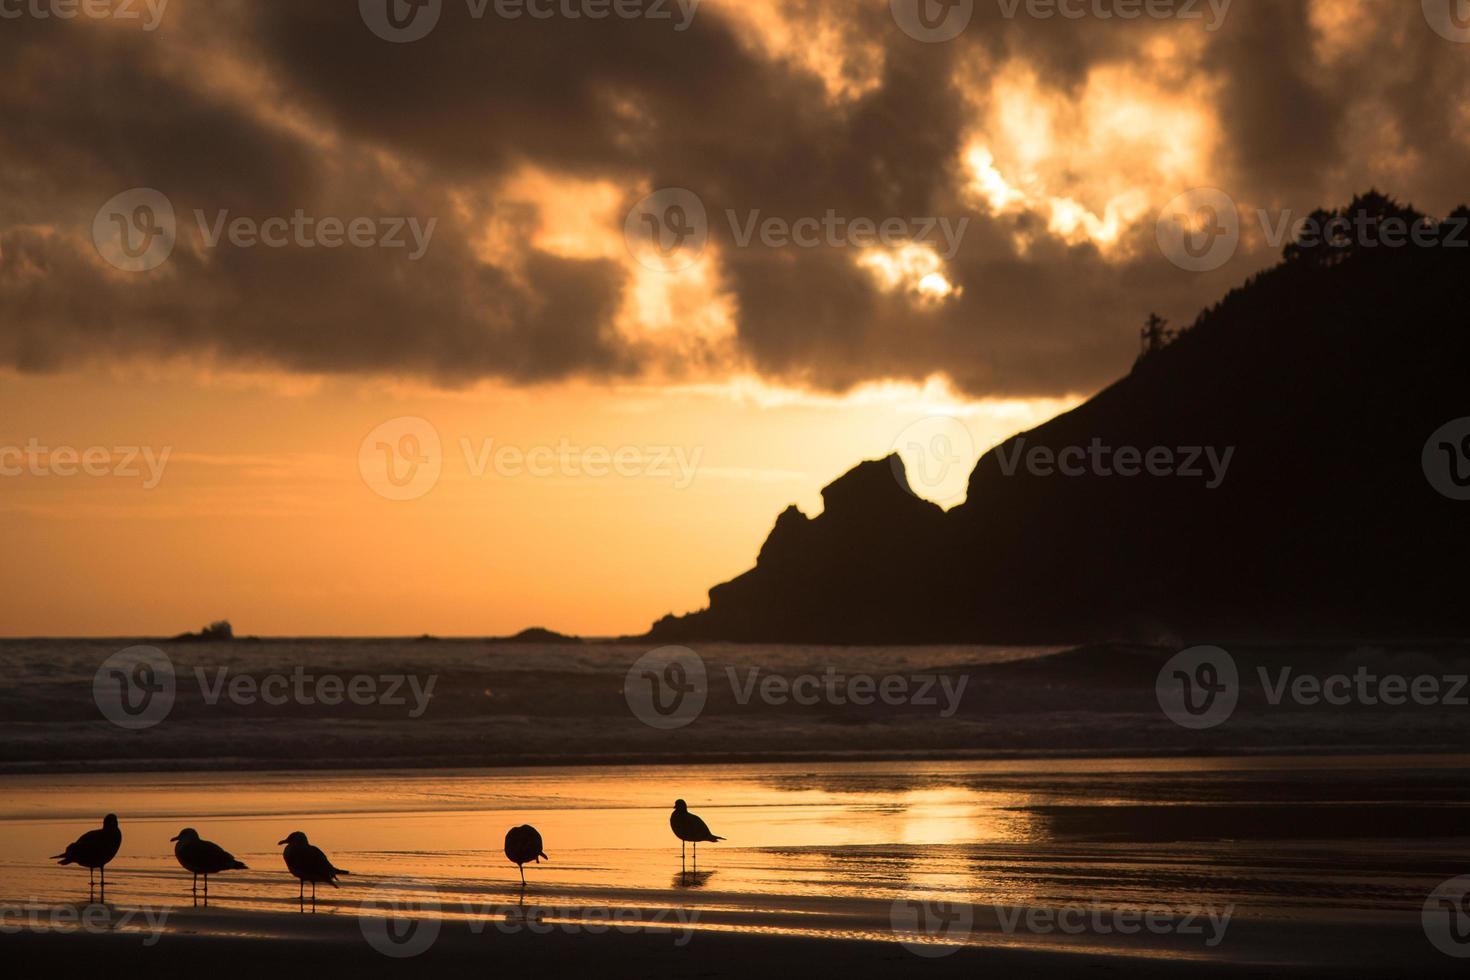 tramonto a breve spiaggia di sabbia sulla costa dell'Oregon foto